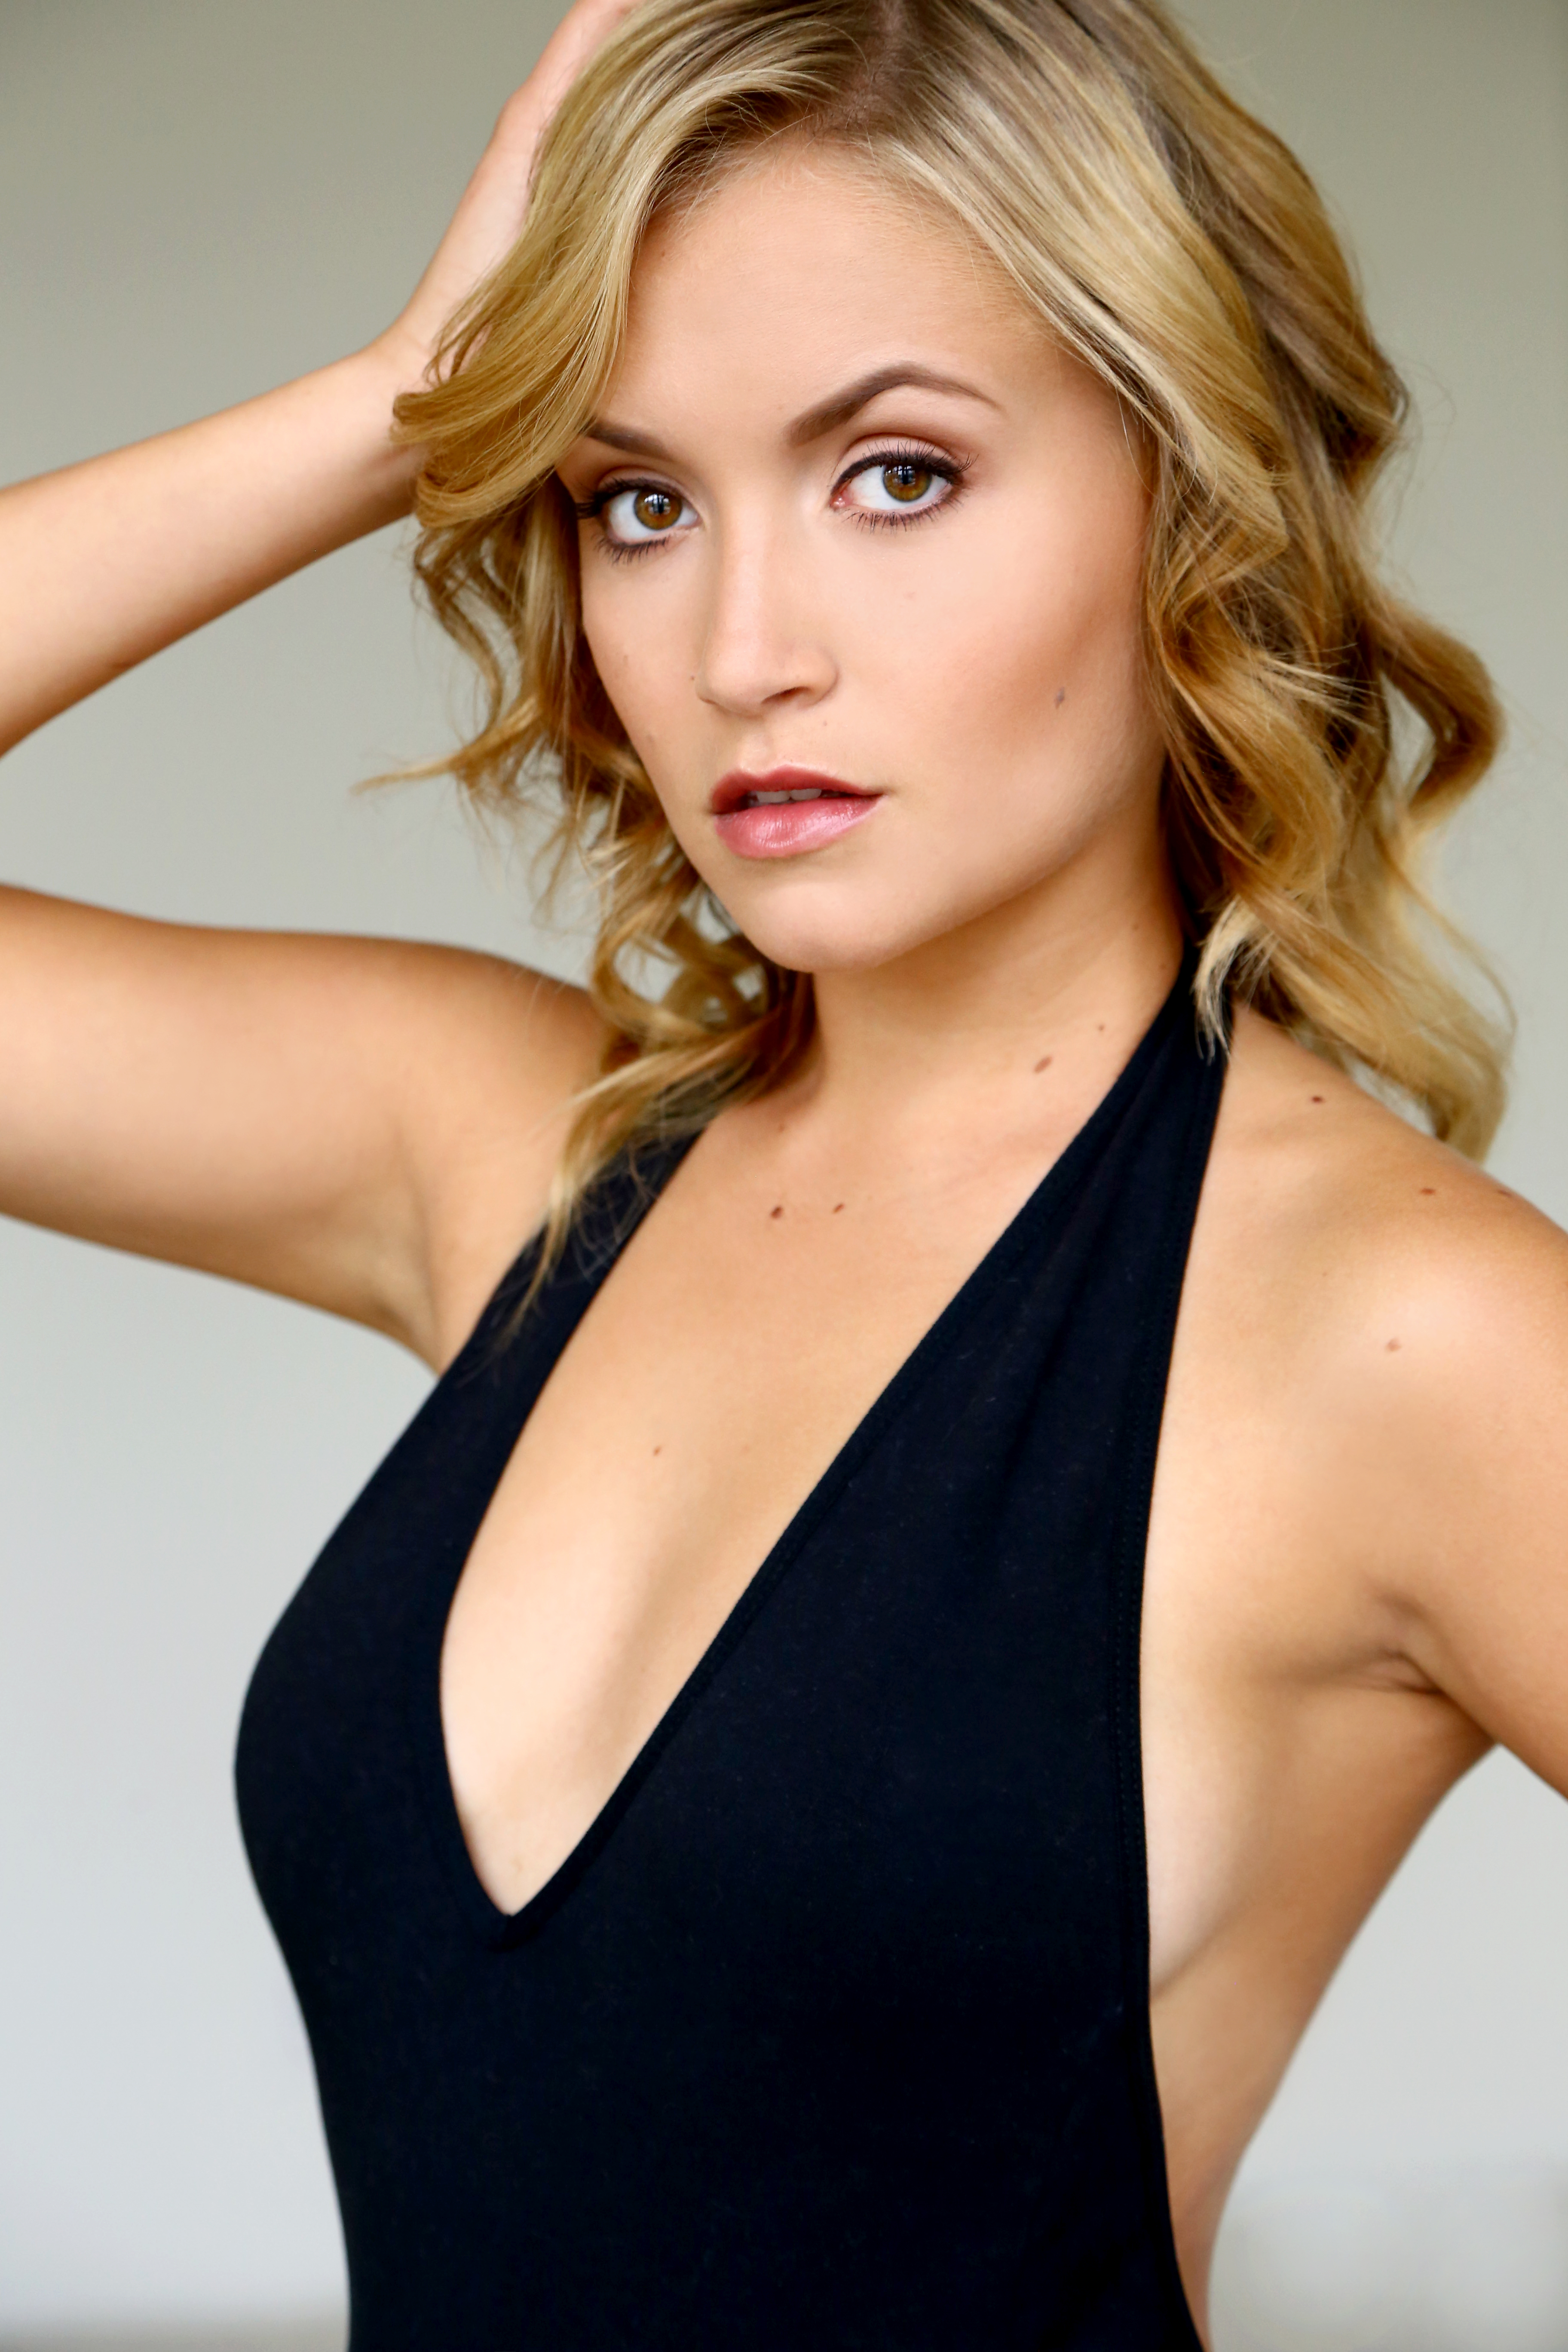 Paige Stroobach by Ana Ochoa Photo